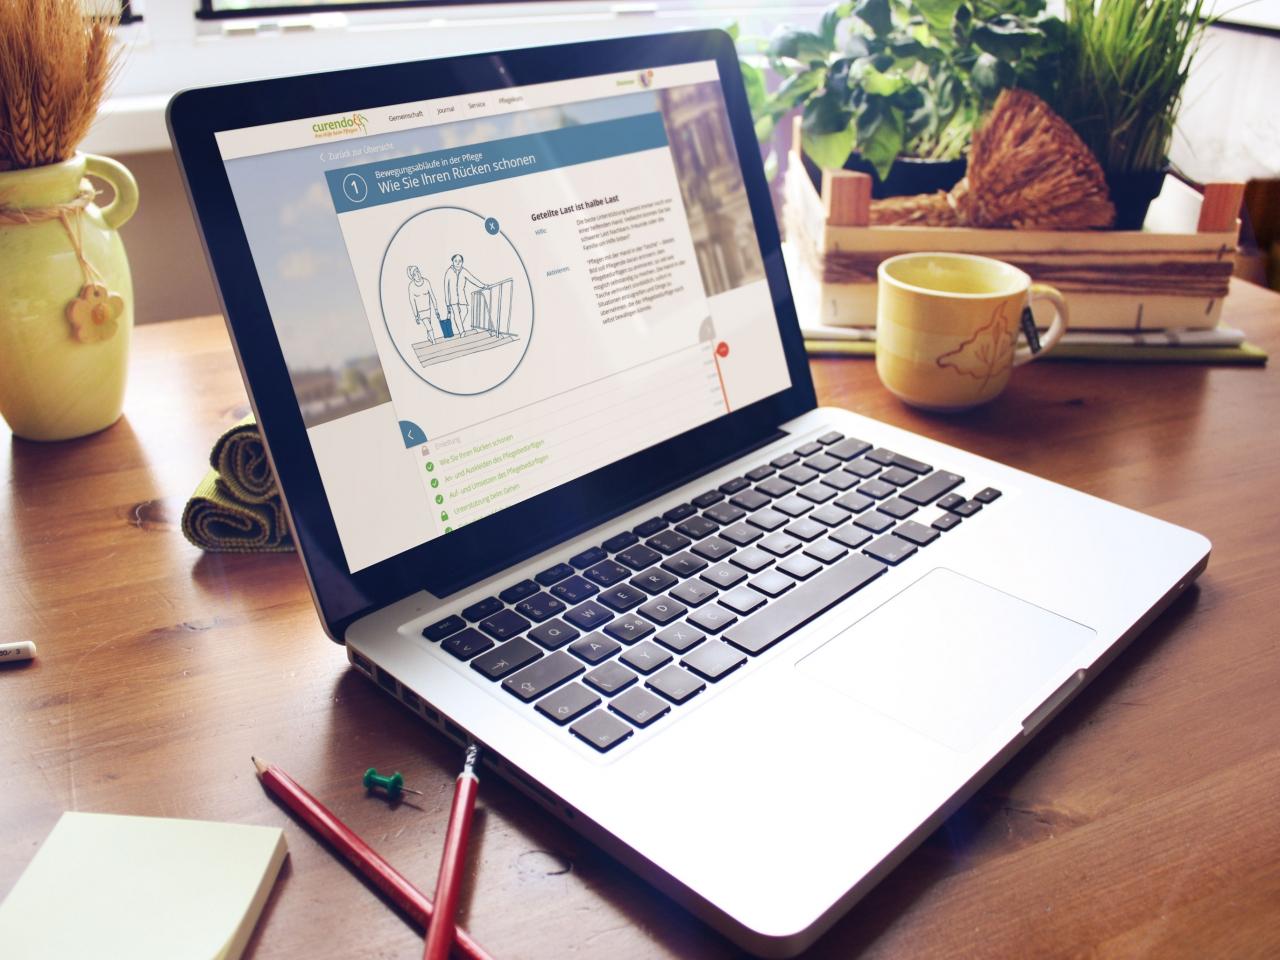 Laptop mit Pflegekurs in Bildschirmansicht